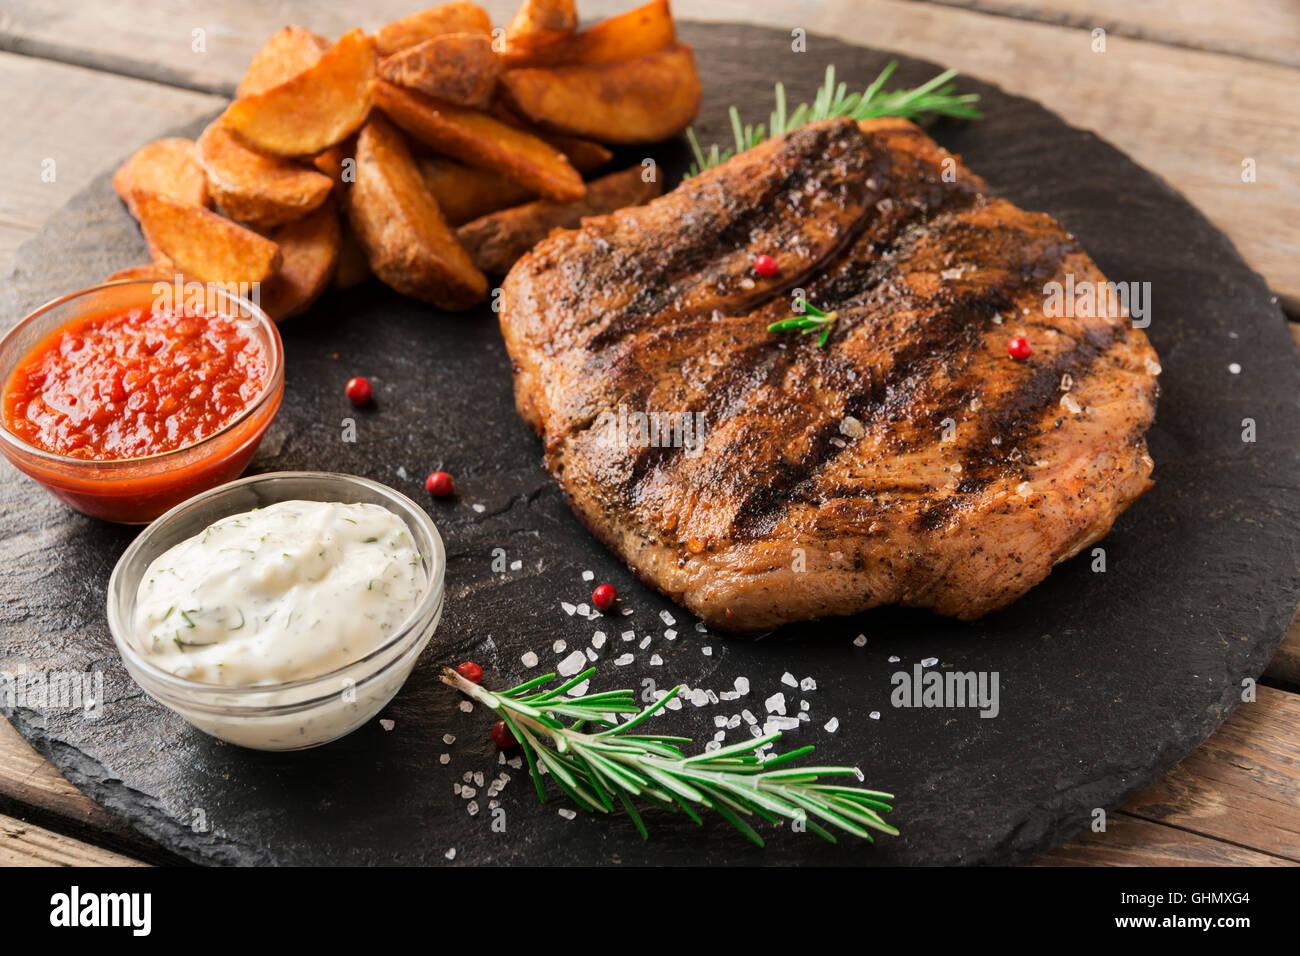 Pavé de boeuf avec pomme de terre au four et sauce Photo Stock